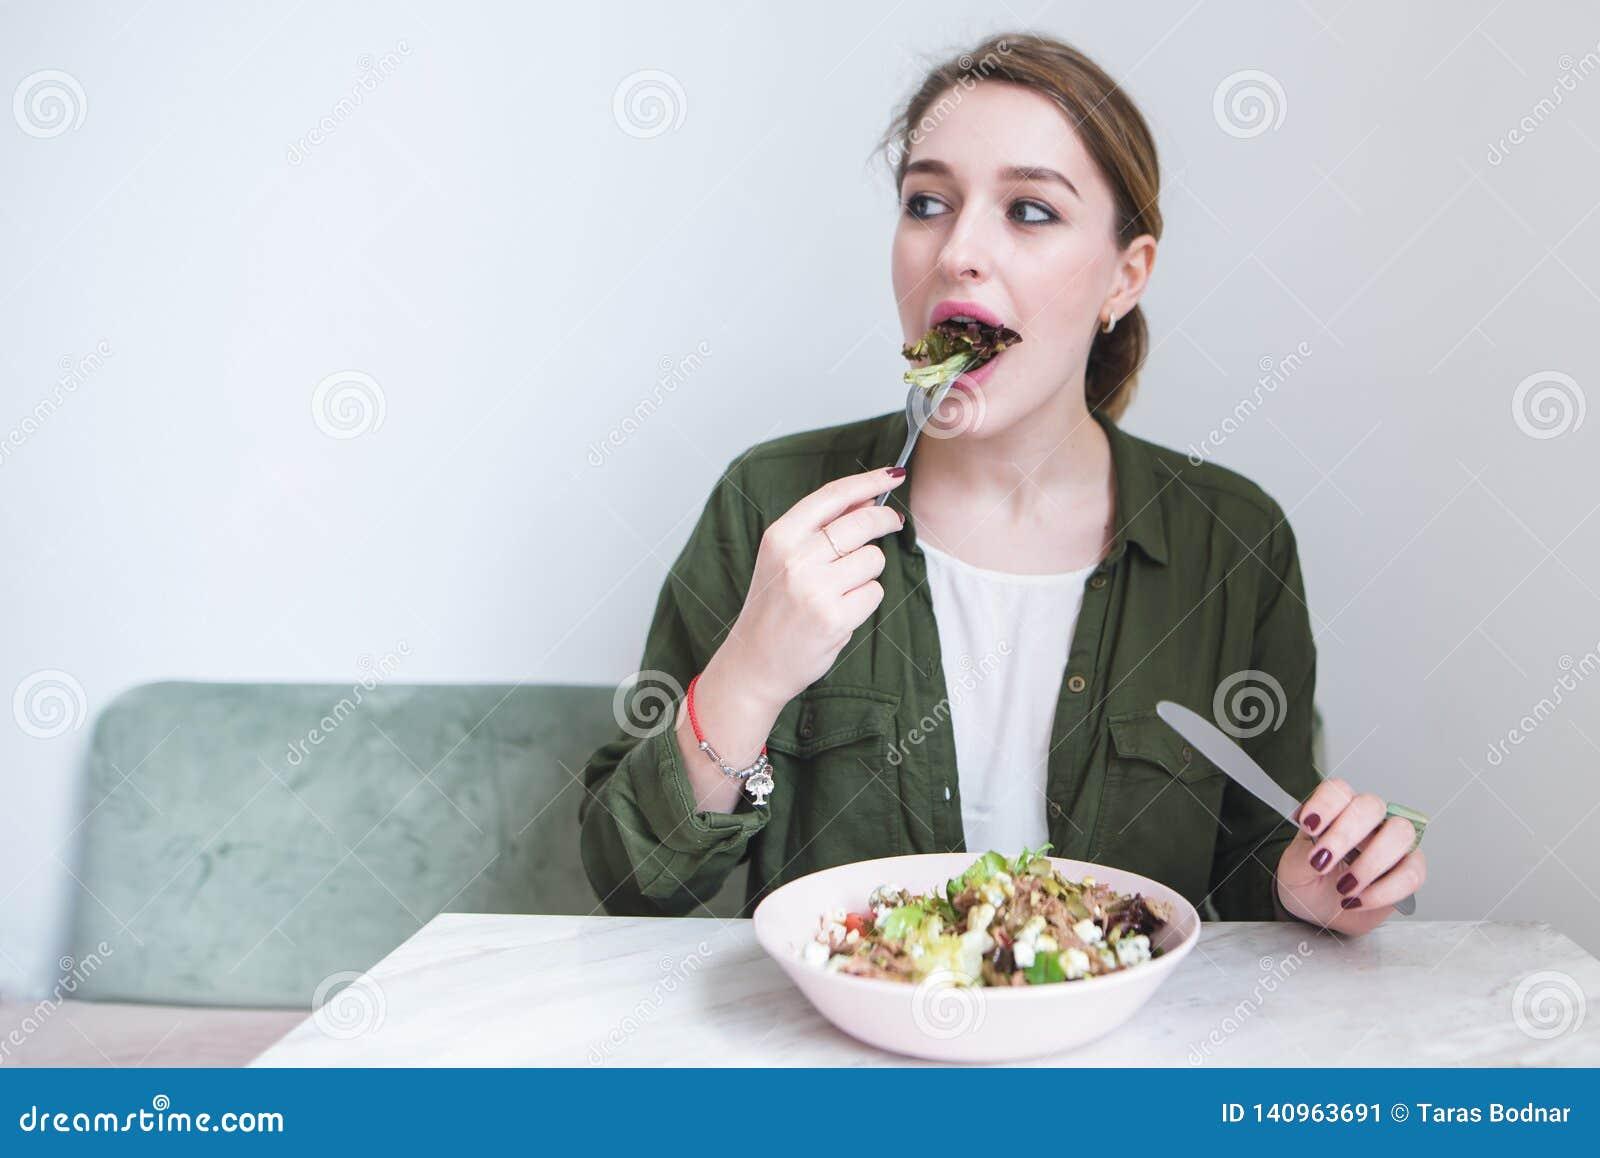 красивая девушка ест салат плиты в светлом ресторане и взгляды к стороне Женщина сдерживает зеленый салат